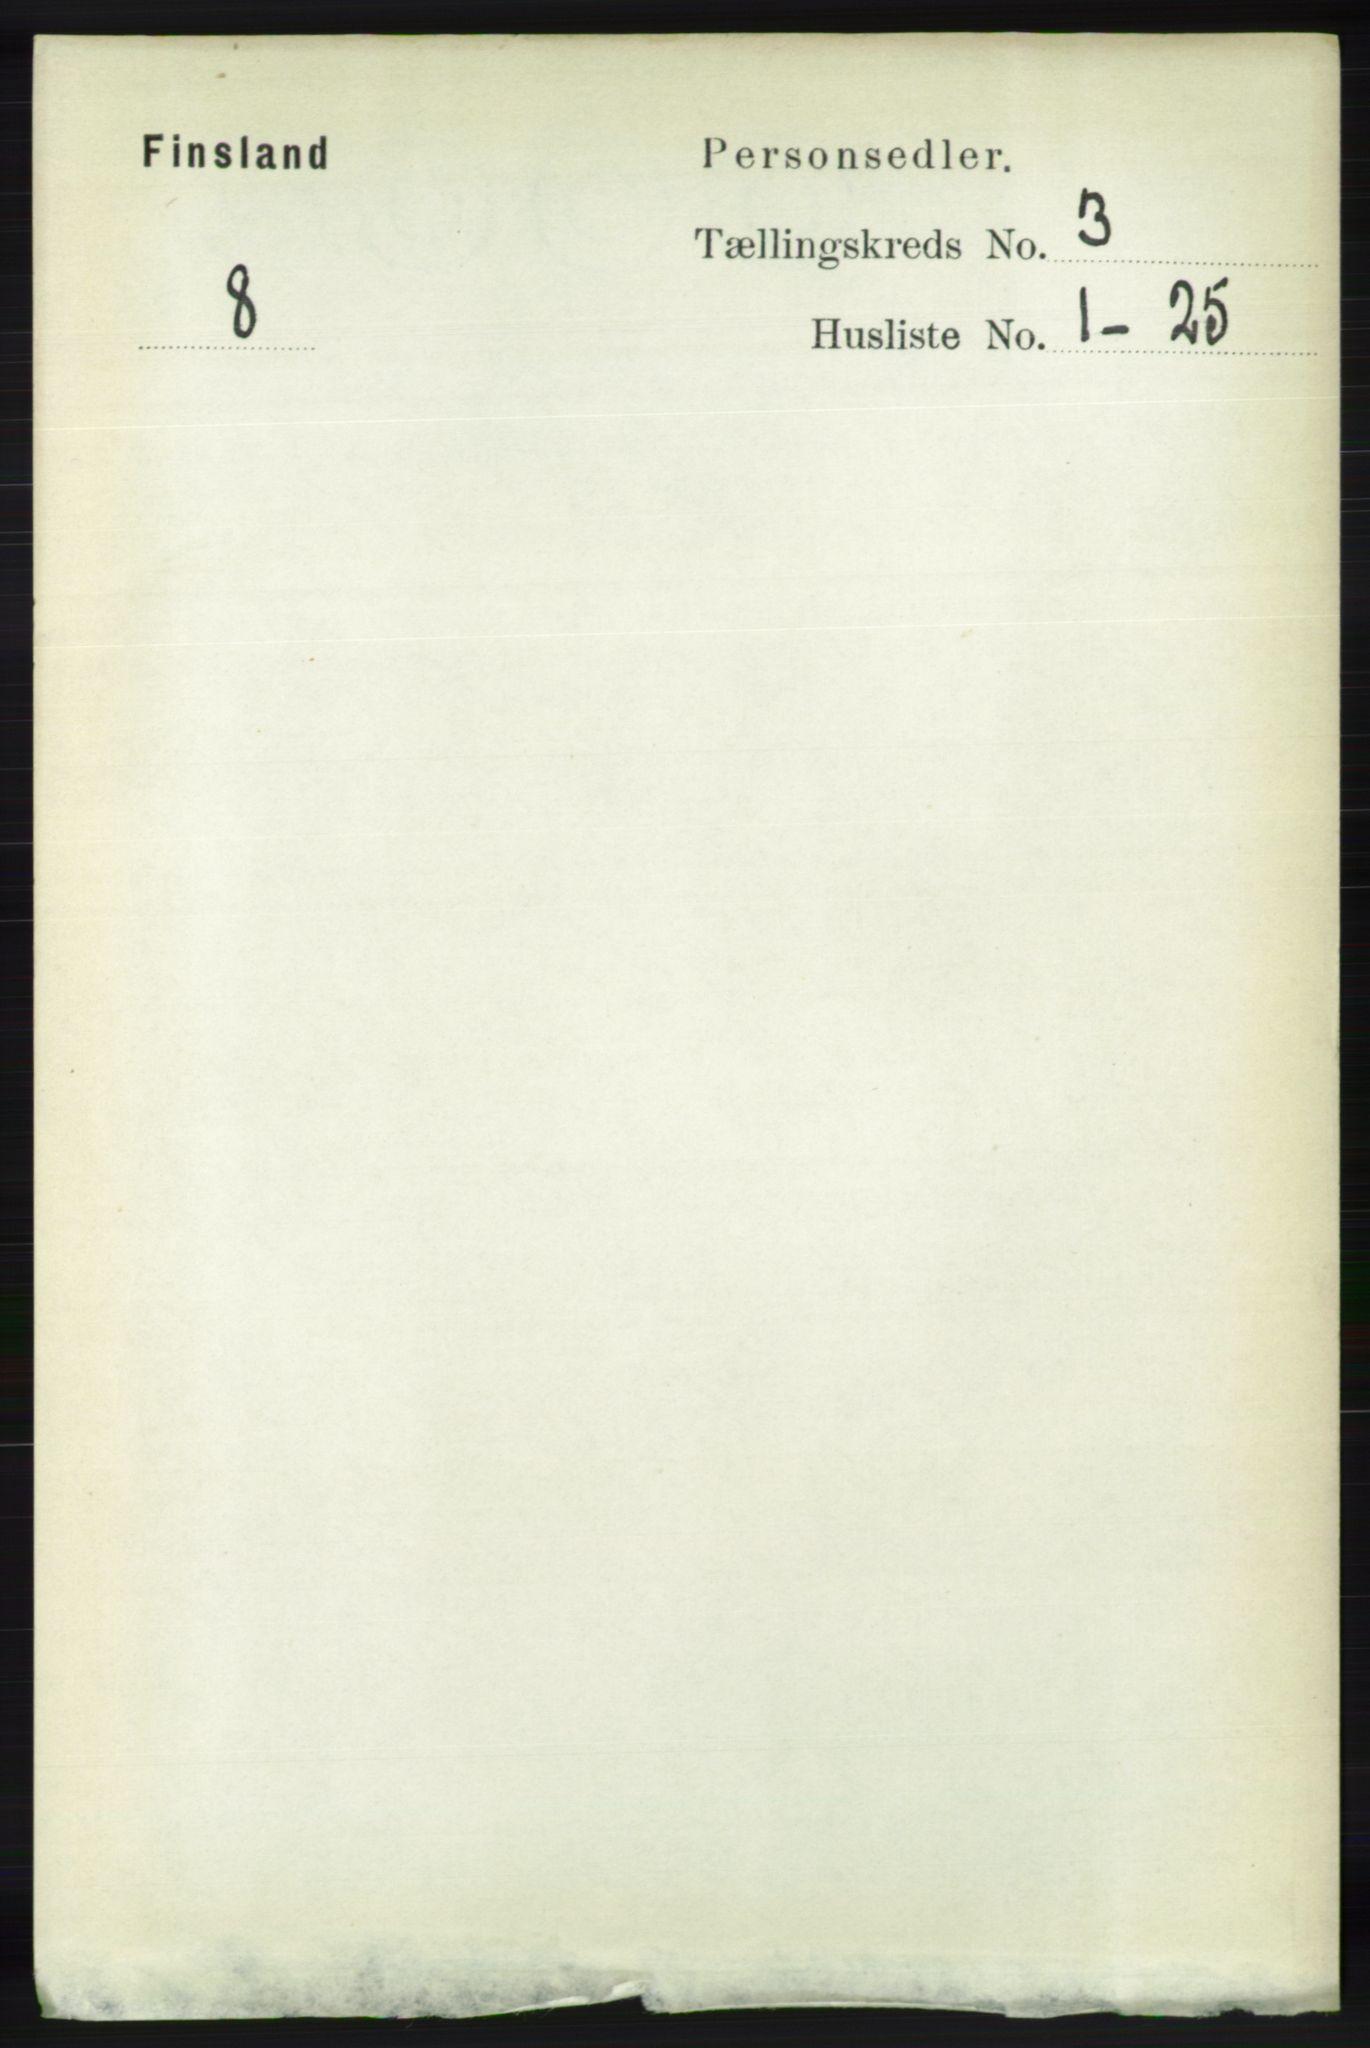 RA, Folketelling 1891 for 1023 Finsland herred, 1891, s. 771